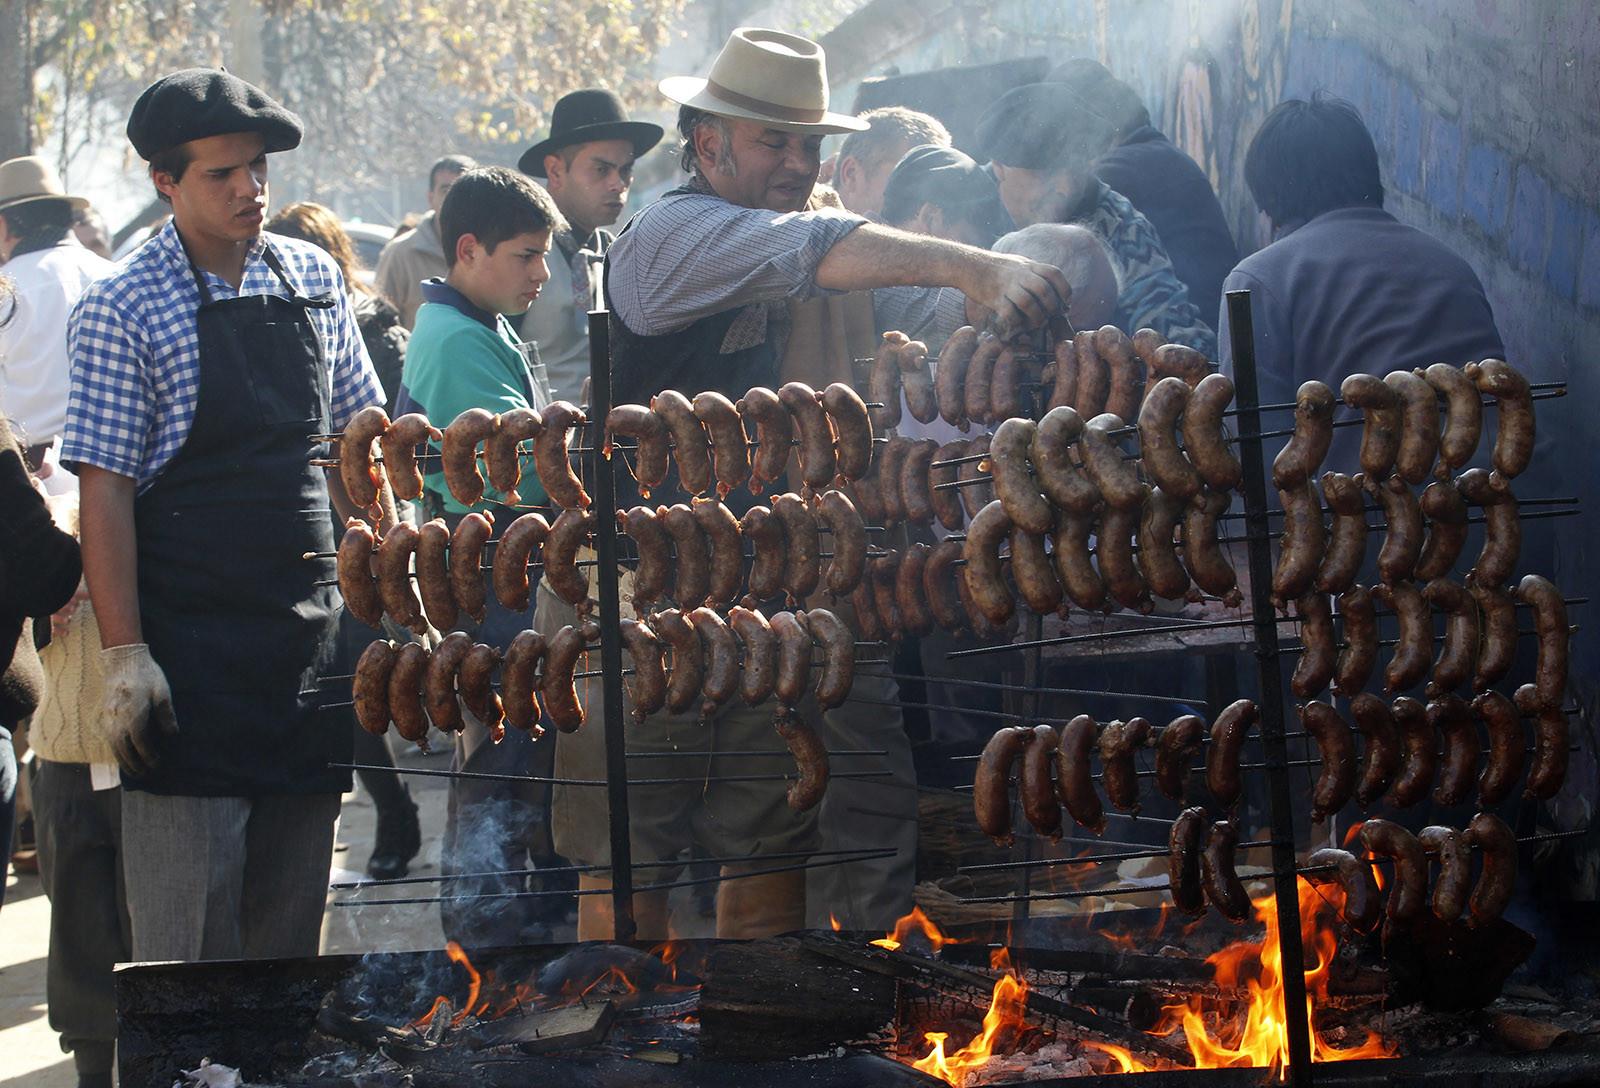 Feria de mataderos el visitante es recibido por el sabroso e inconfundible olor a asado preparado al aire libre tiendas de finas artesan as de cuero y